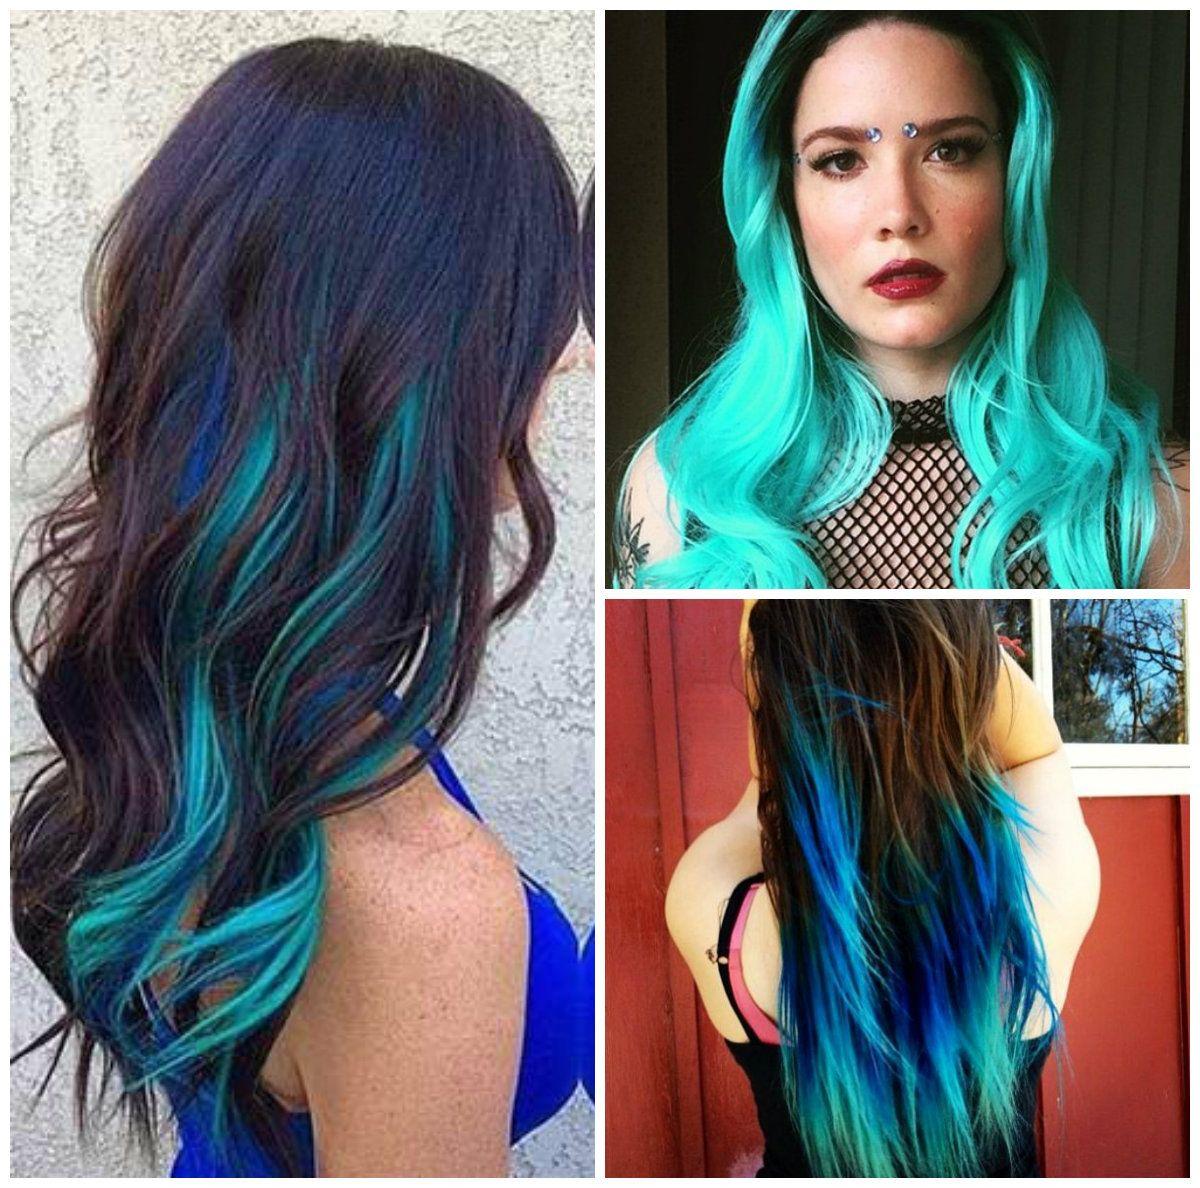 #neue Haarfarben 2018 Perfekt Schockierende Farben Der Frisur Funky Girls  #hair #Ideen #